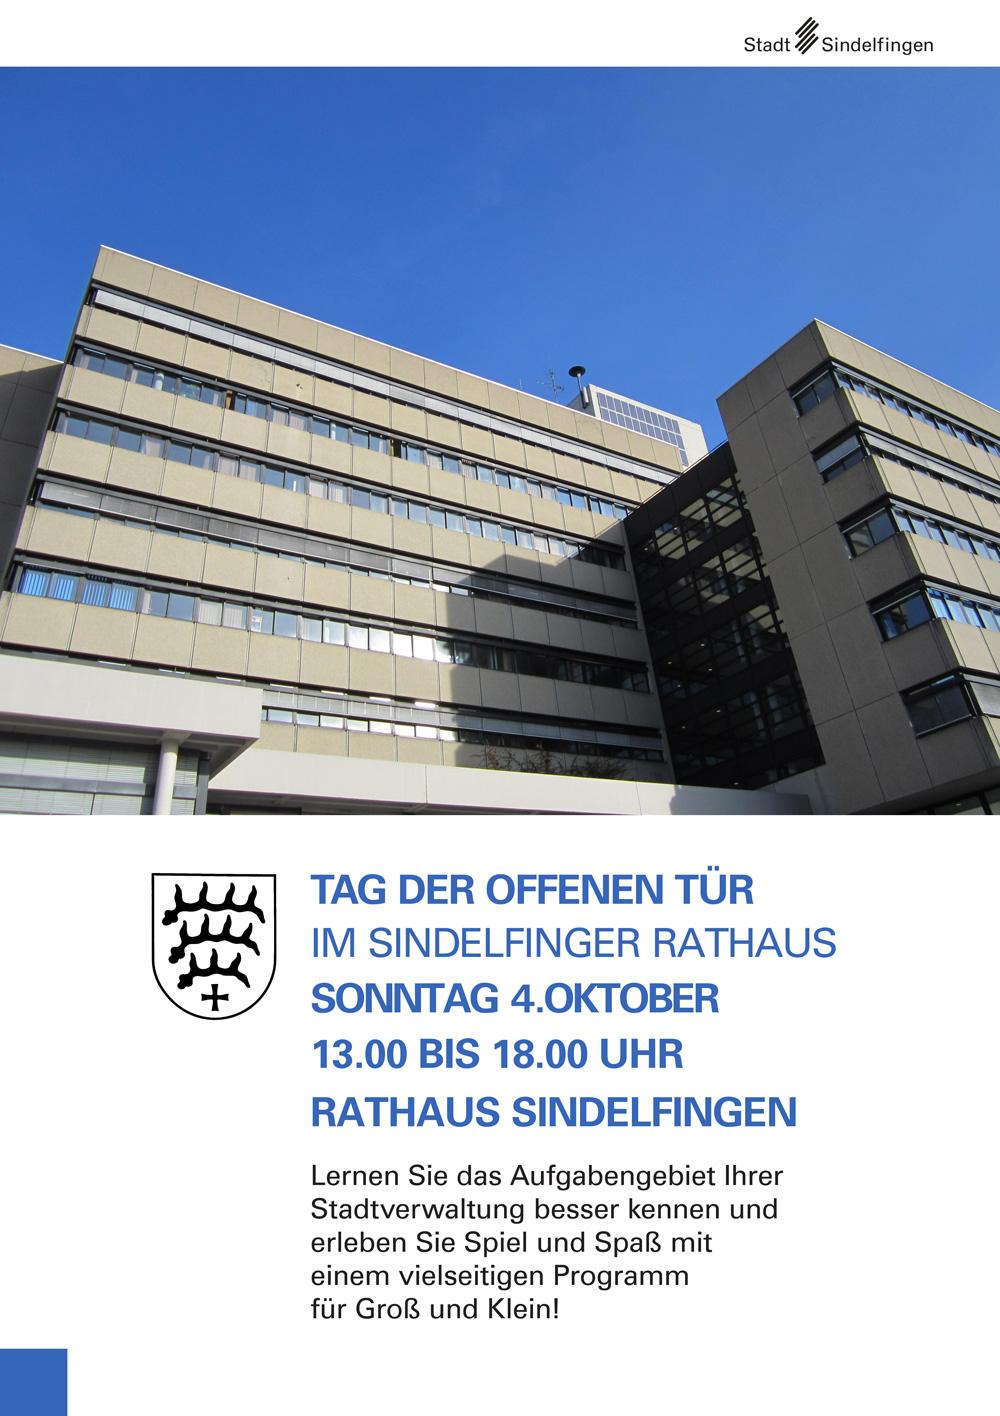 Stadt Sindelfingen Tag Der Offenen Tür 2015